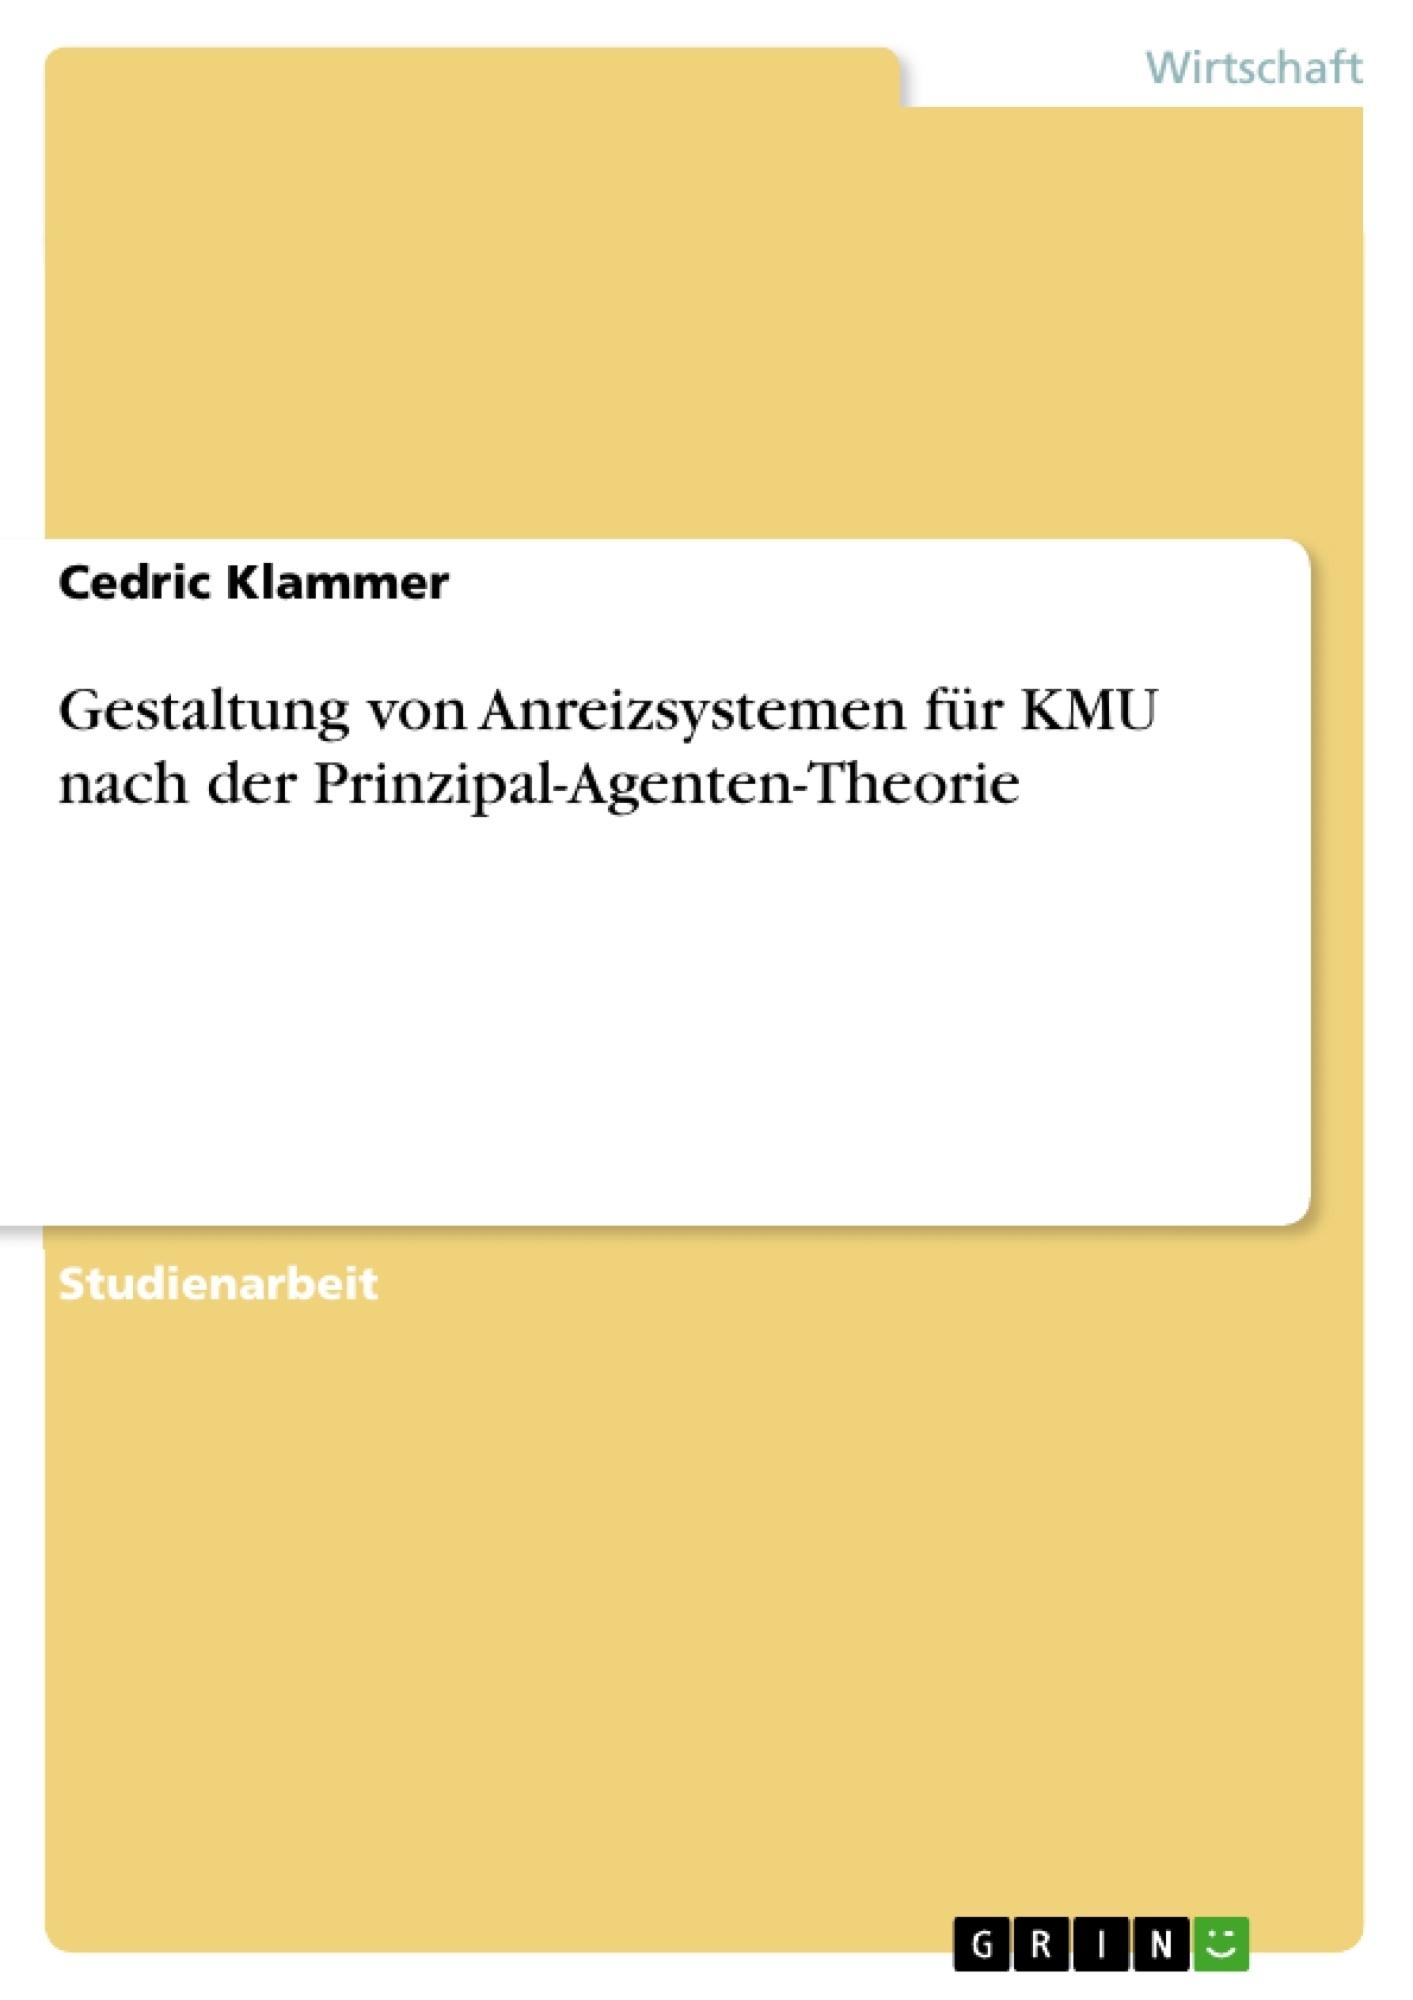 Titel: Gestaltung von Anreizsystemen für KMU nach der Prinzipal-Agenten-Theorie